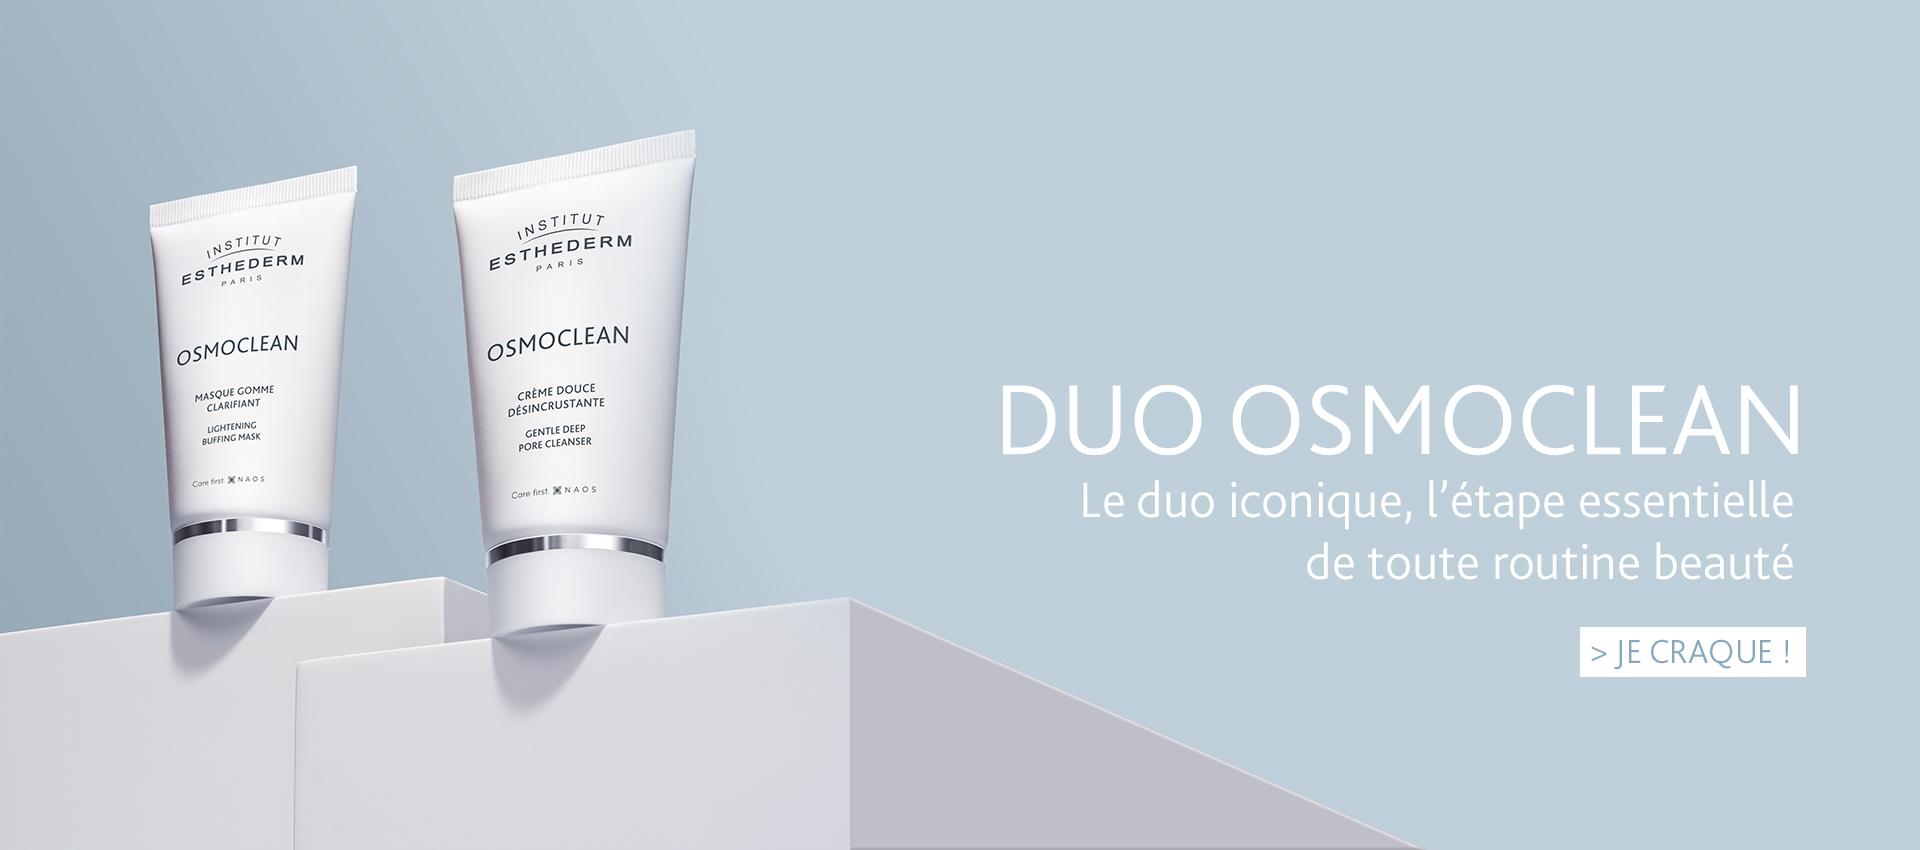 Duo Omosoclean: duo iconique